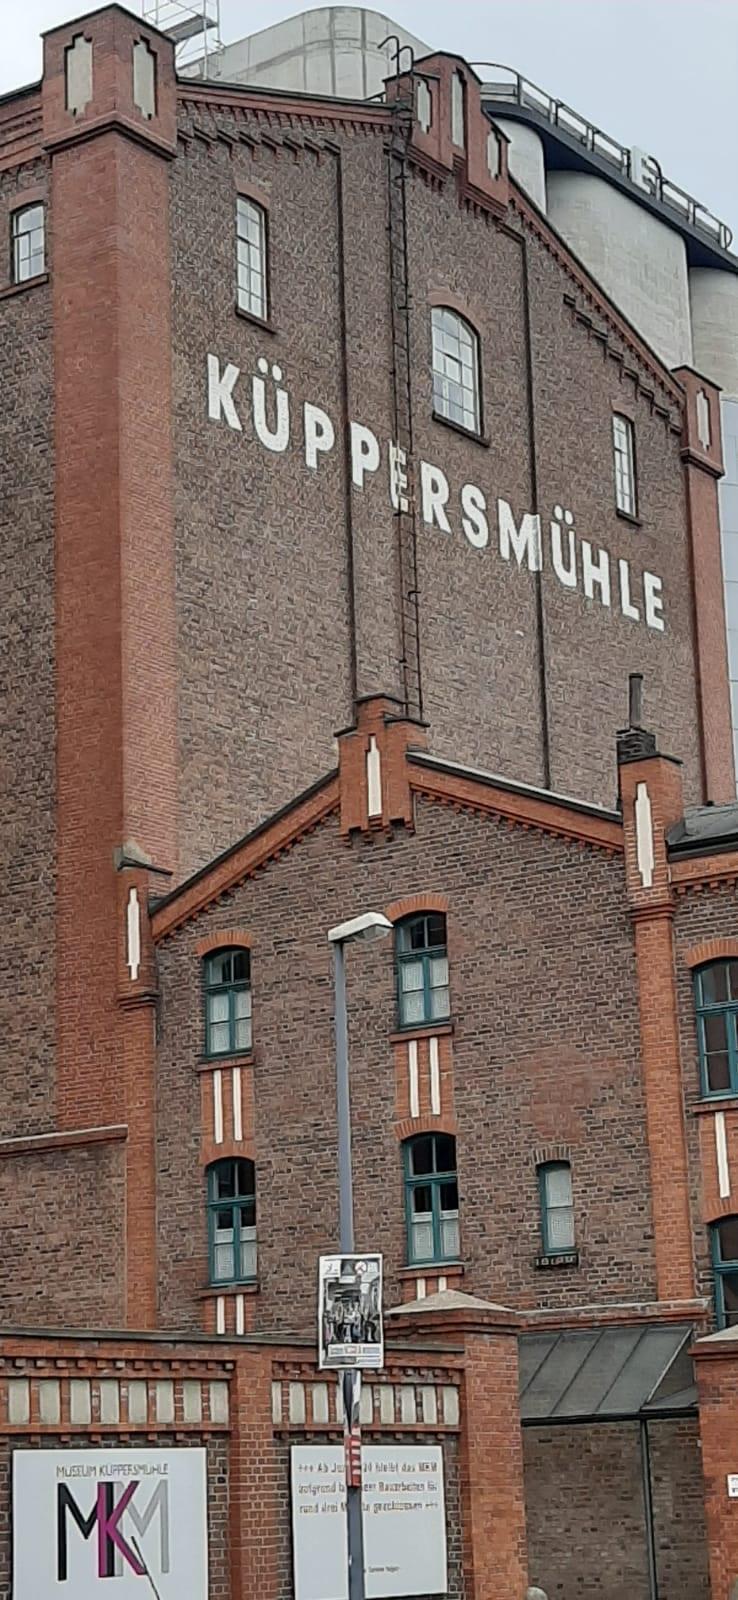 Museum Küppersmühle Duisburg Modern Art Museum